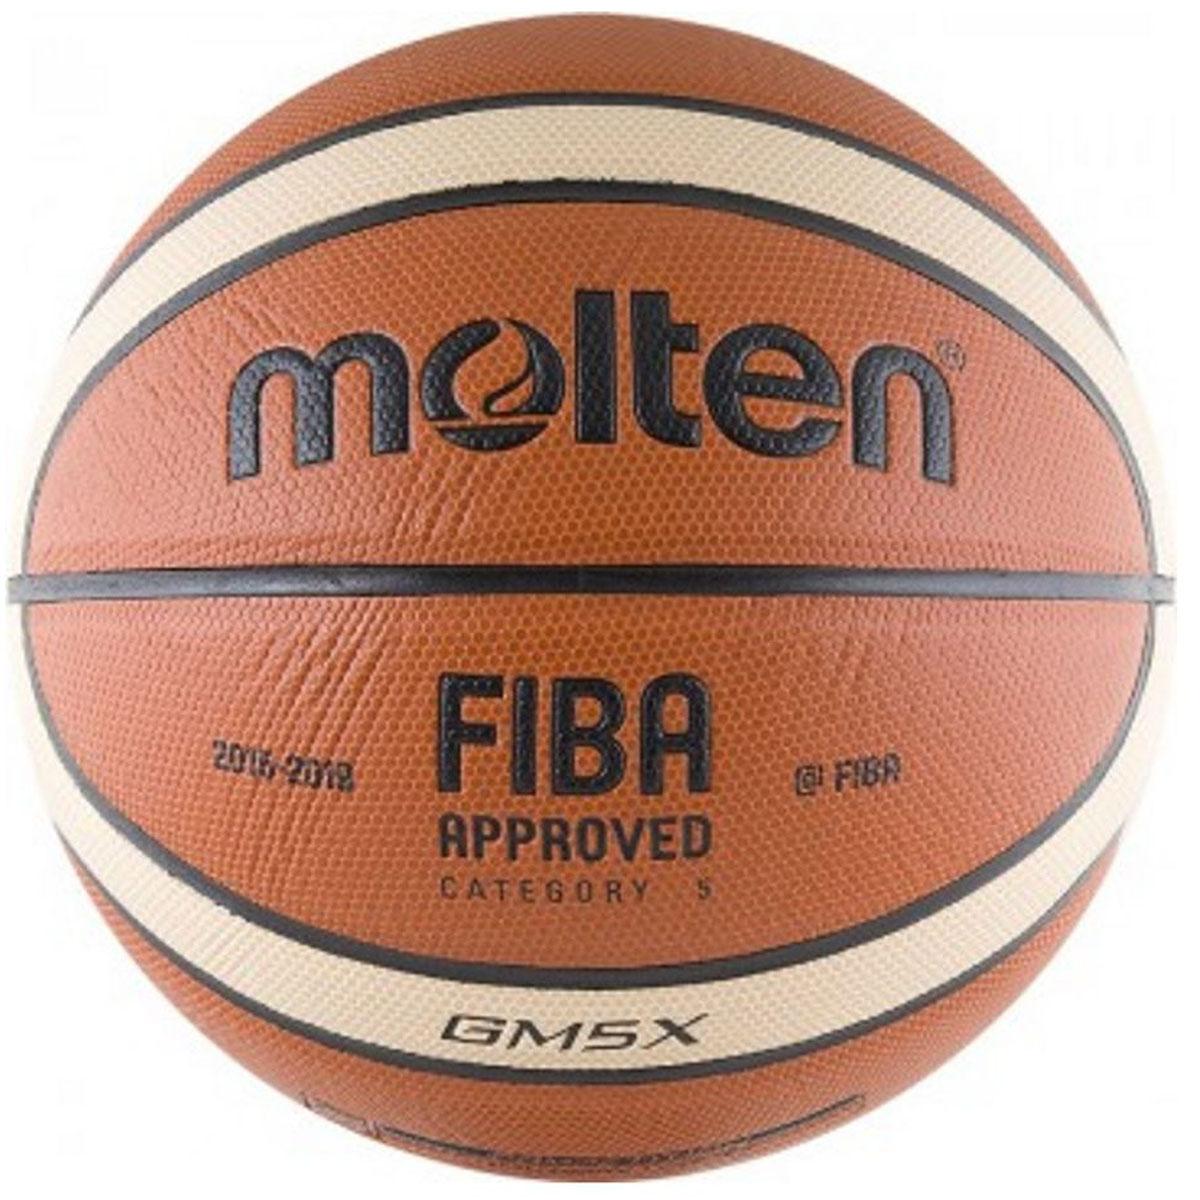 Мяч баскетбольный Molten. Размер 5. BGM5XBGM5XБаскетбольный мяч Molten.Контроль мяча: особая фактура покрышки и максимально плоские каналы обеспечивают надежный захват мяча и точные броски.Одобрено FIBA: мяч одобрен ФИБА и подходит для подготовки к соревнованиям профессионального уровня.Прочность: модель из полиуретановой синтетической кожи отлично подходит как для игры в зале, так и на улице.